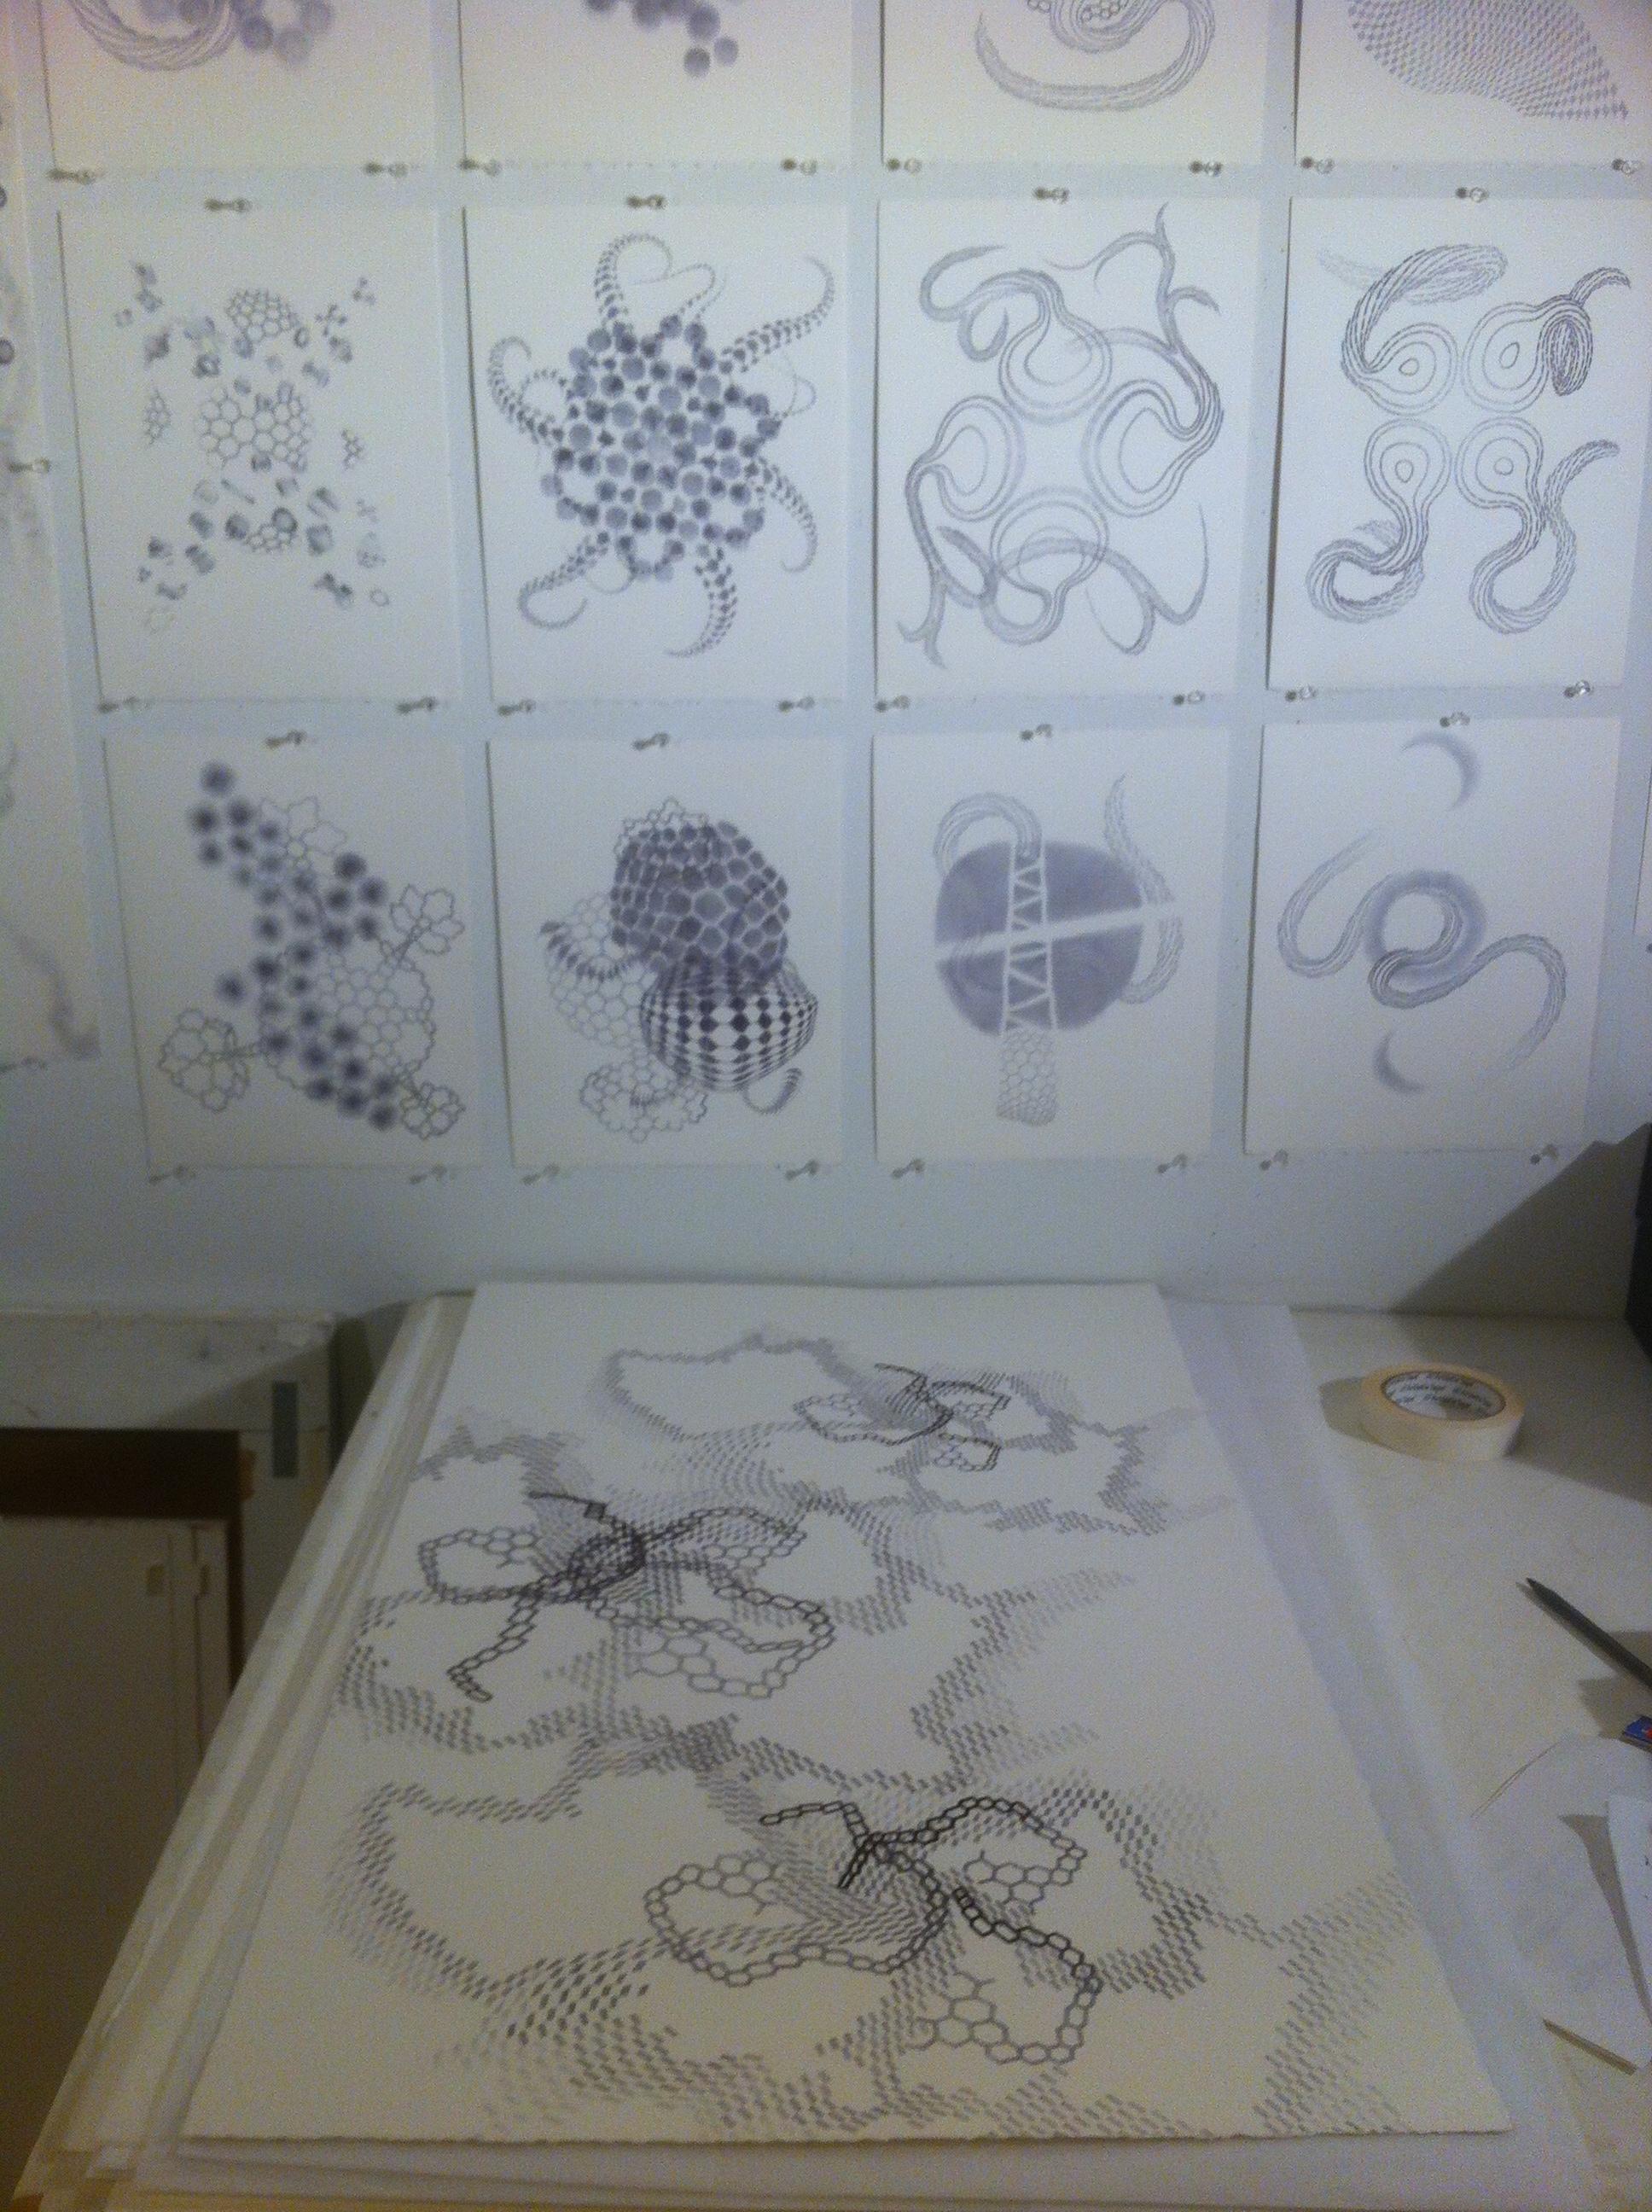 Work in progress, 2012